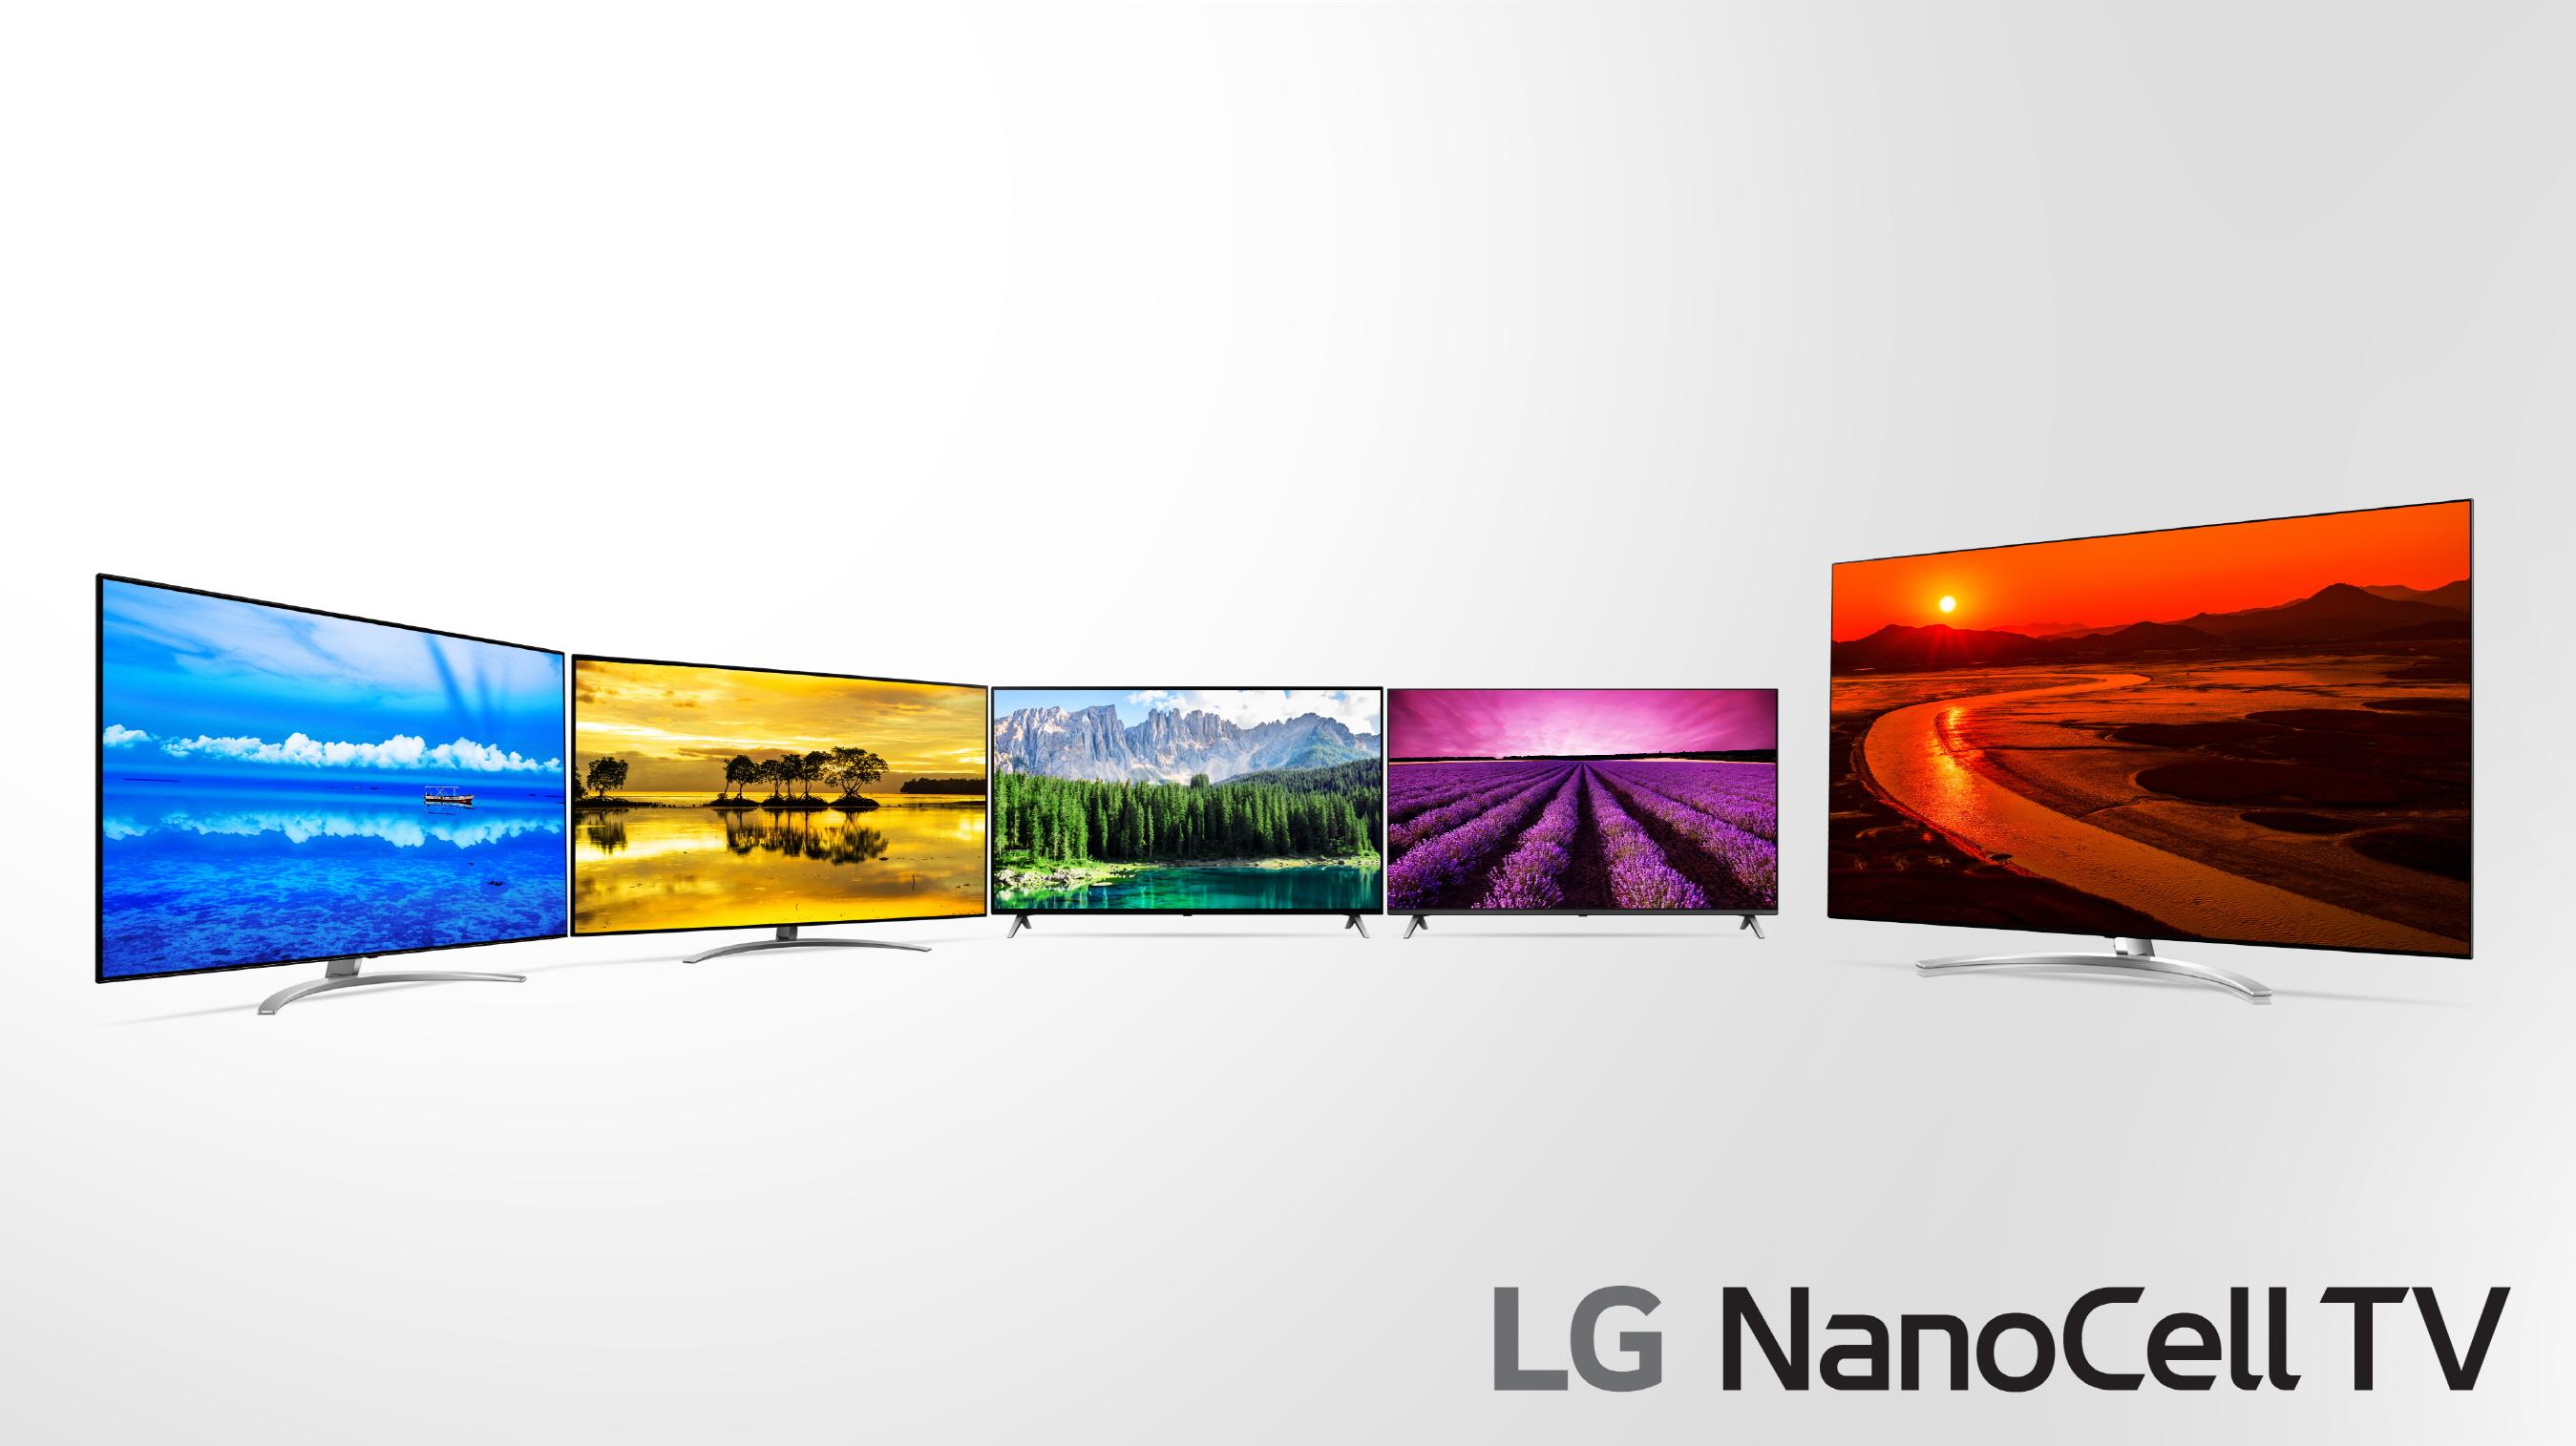 LG משיקה אפליקציית אירווזיון למשתמשי הטלוויזיות החכמות שלה